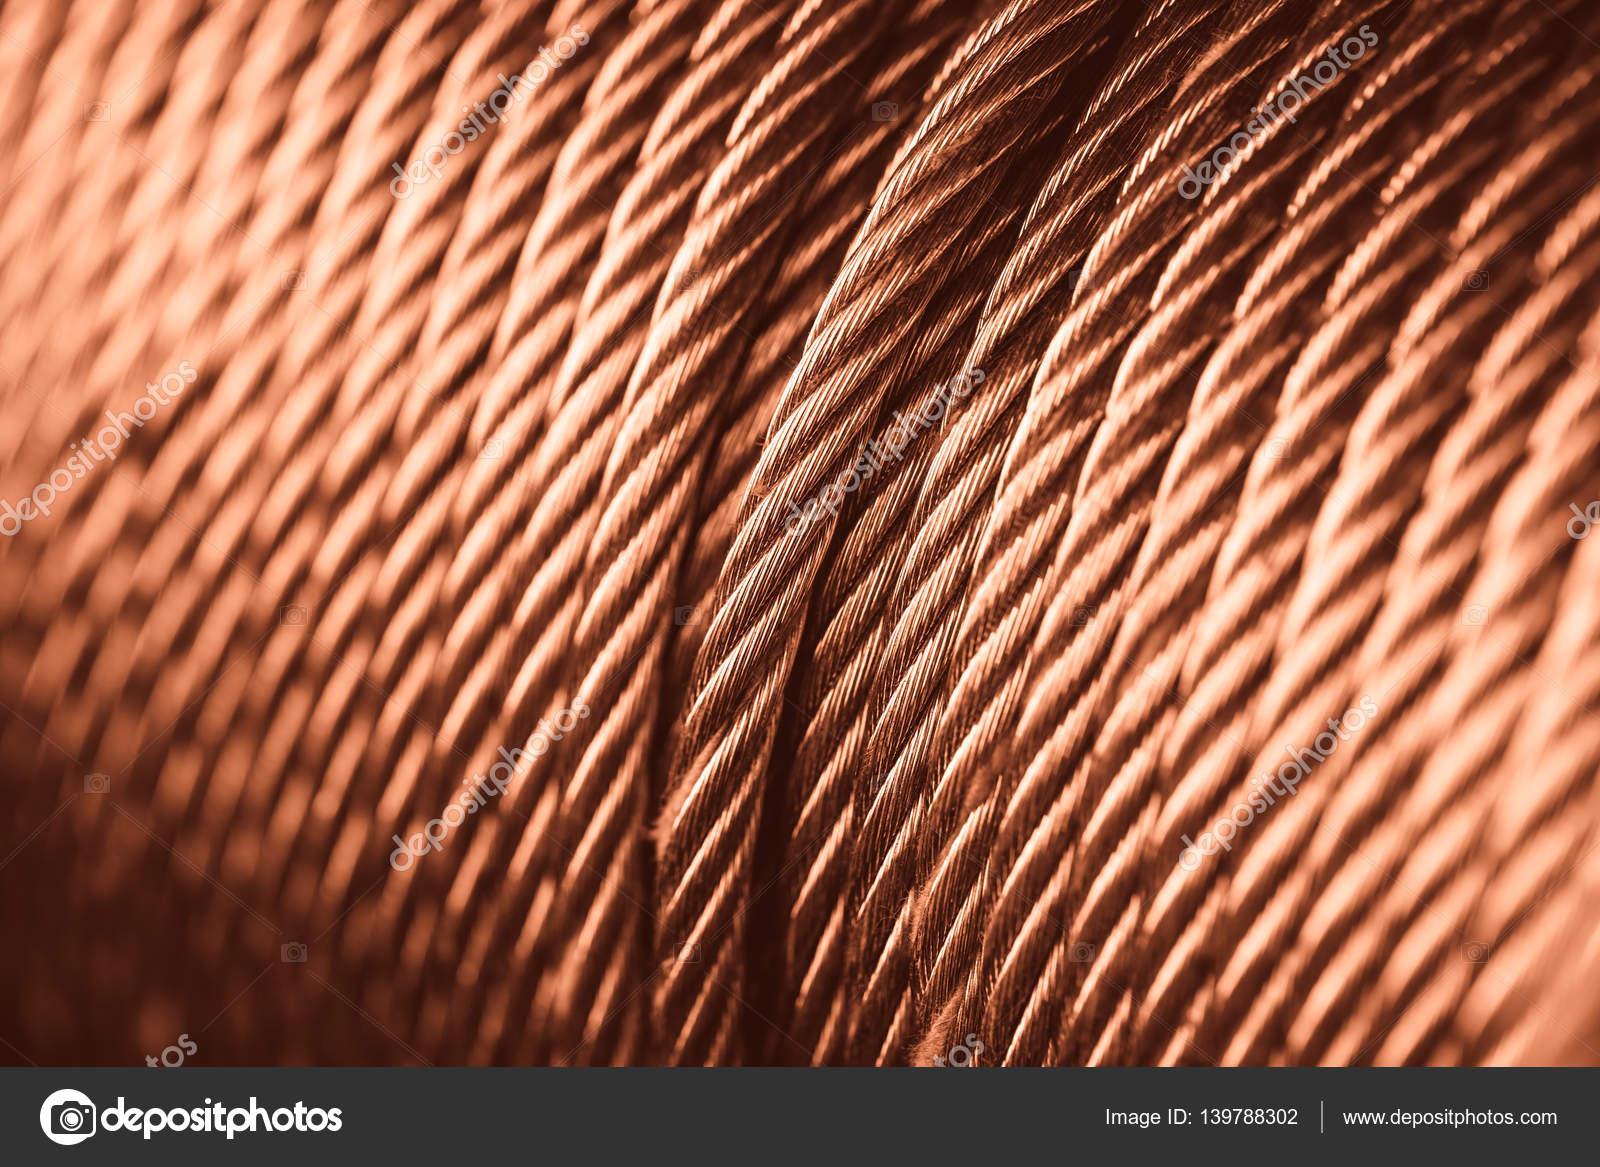 Kupfer Draht, Stahl-Draht goldenen roten Farbton — Stockfoto ...